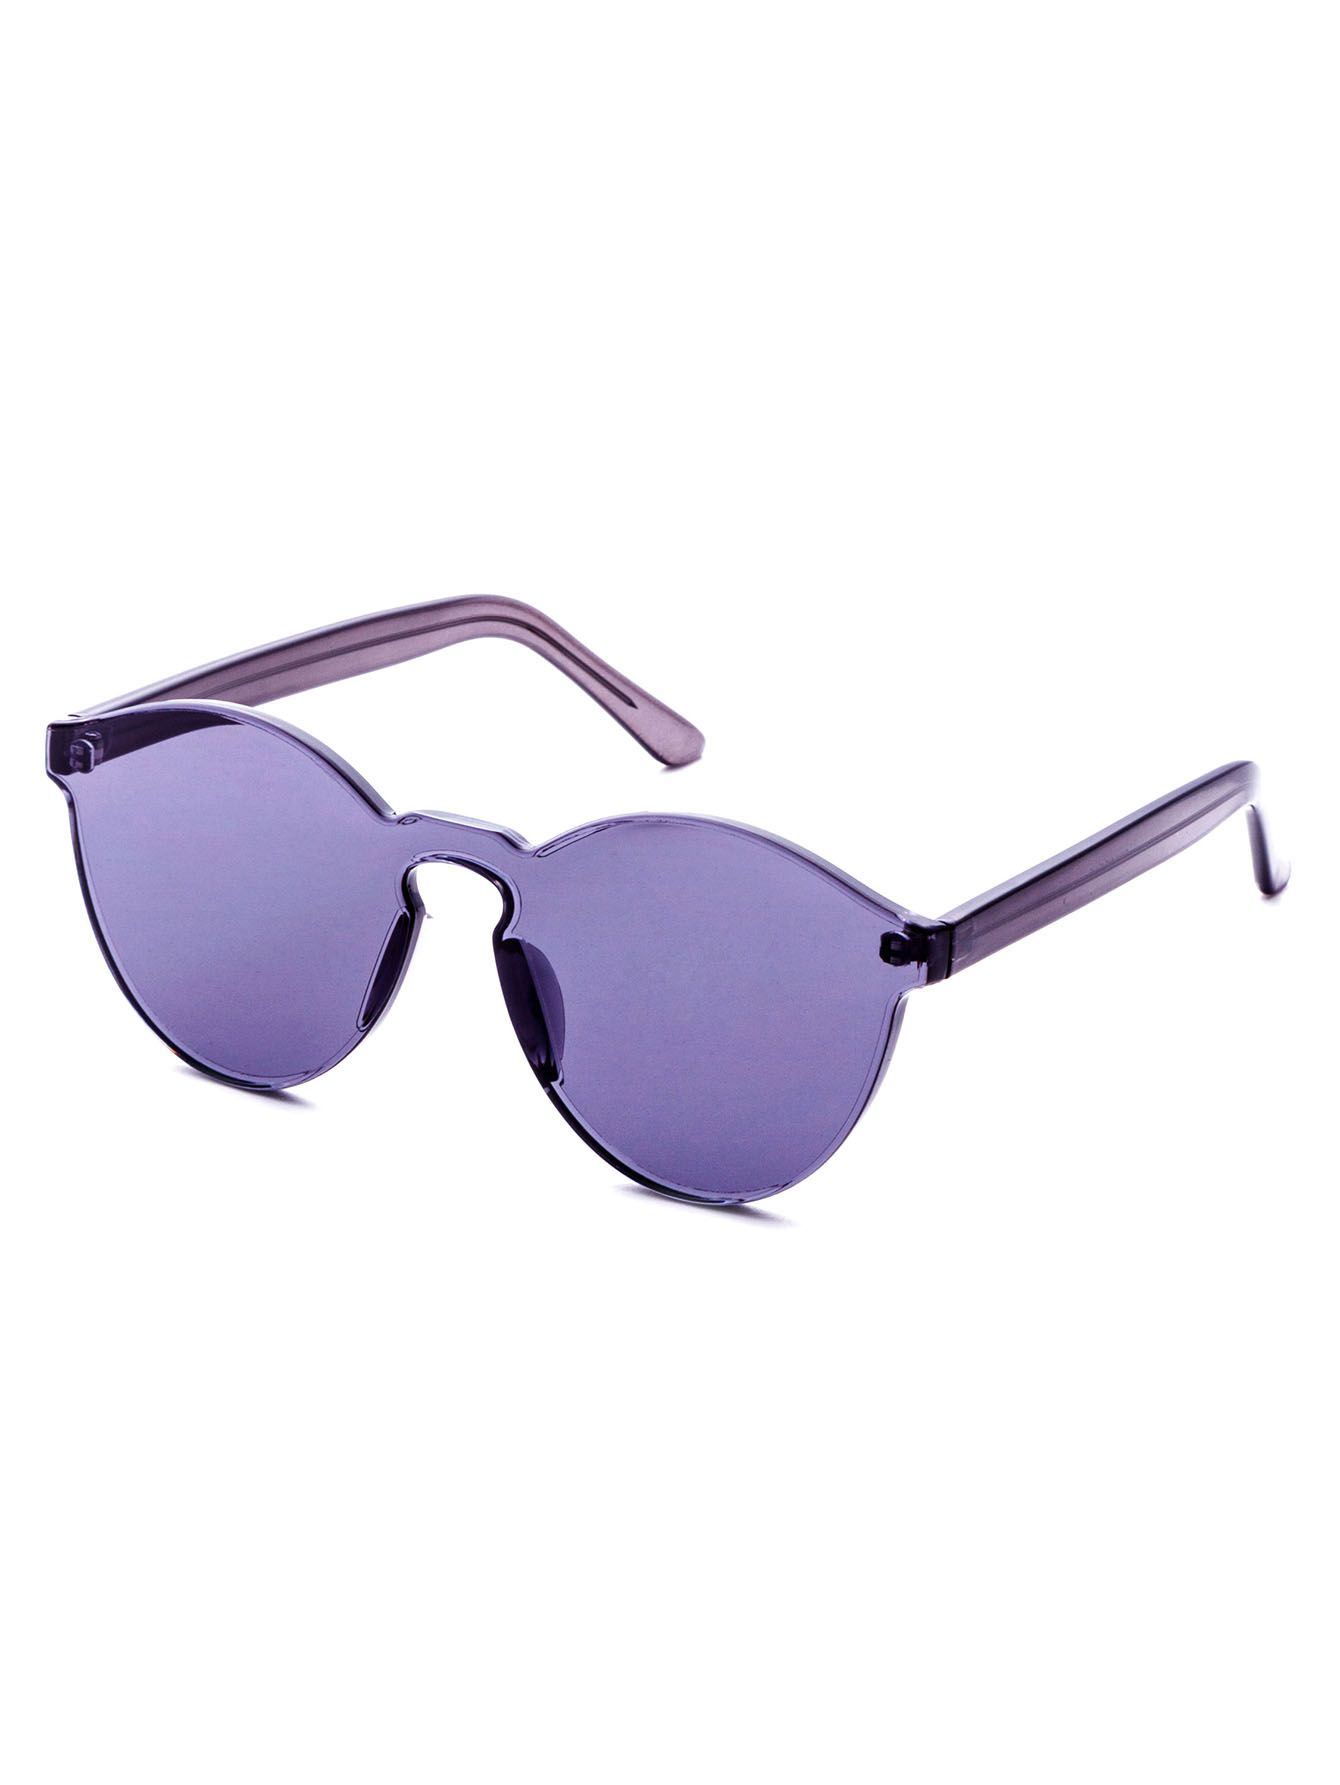 Lunettes de soleil violettes Fashion Ee8qi16v2p